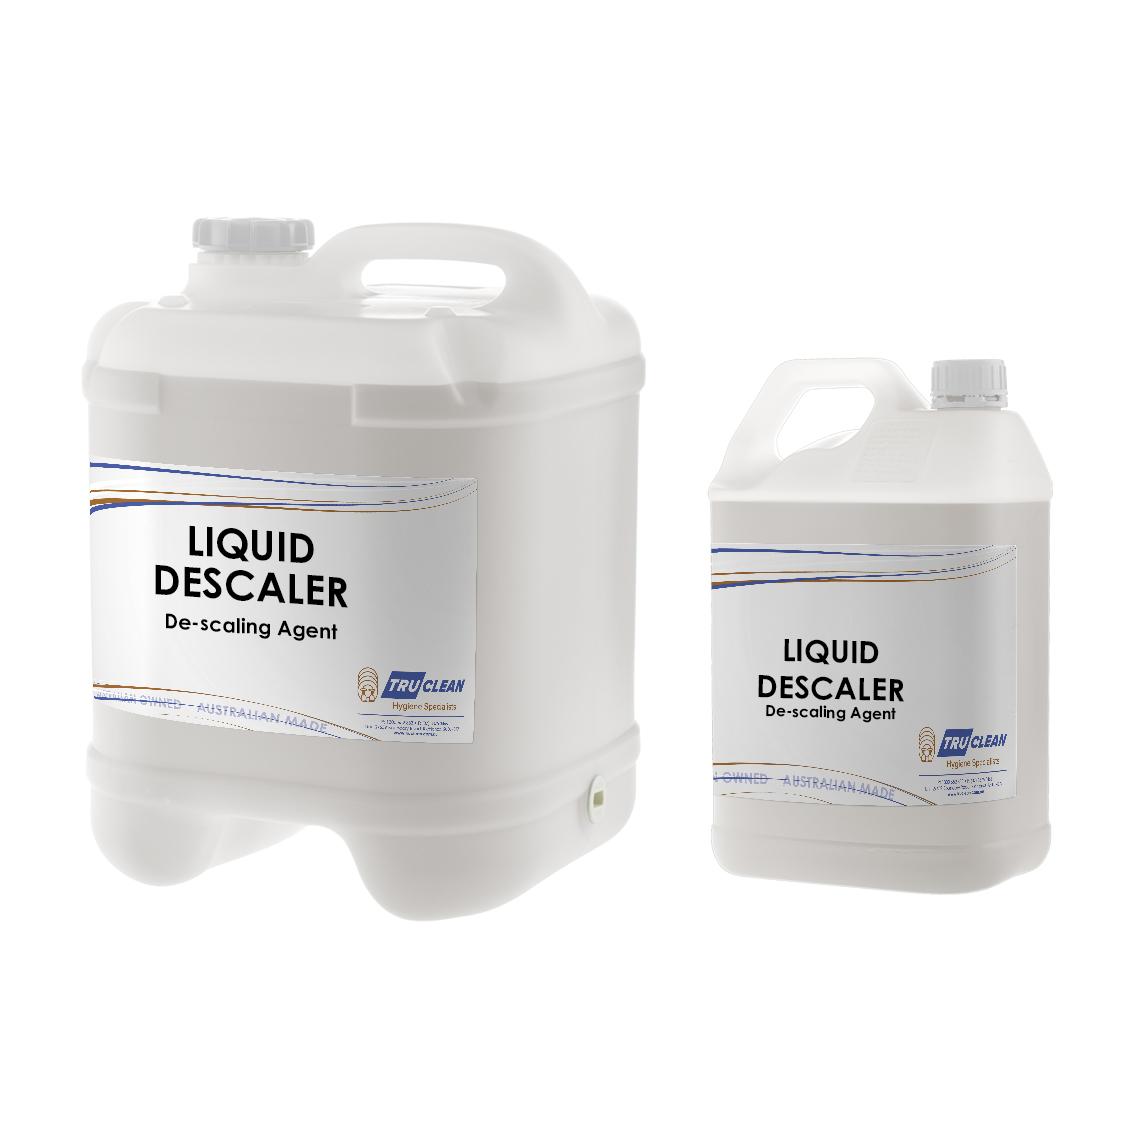 Liquid Descaler